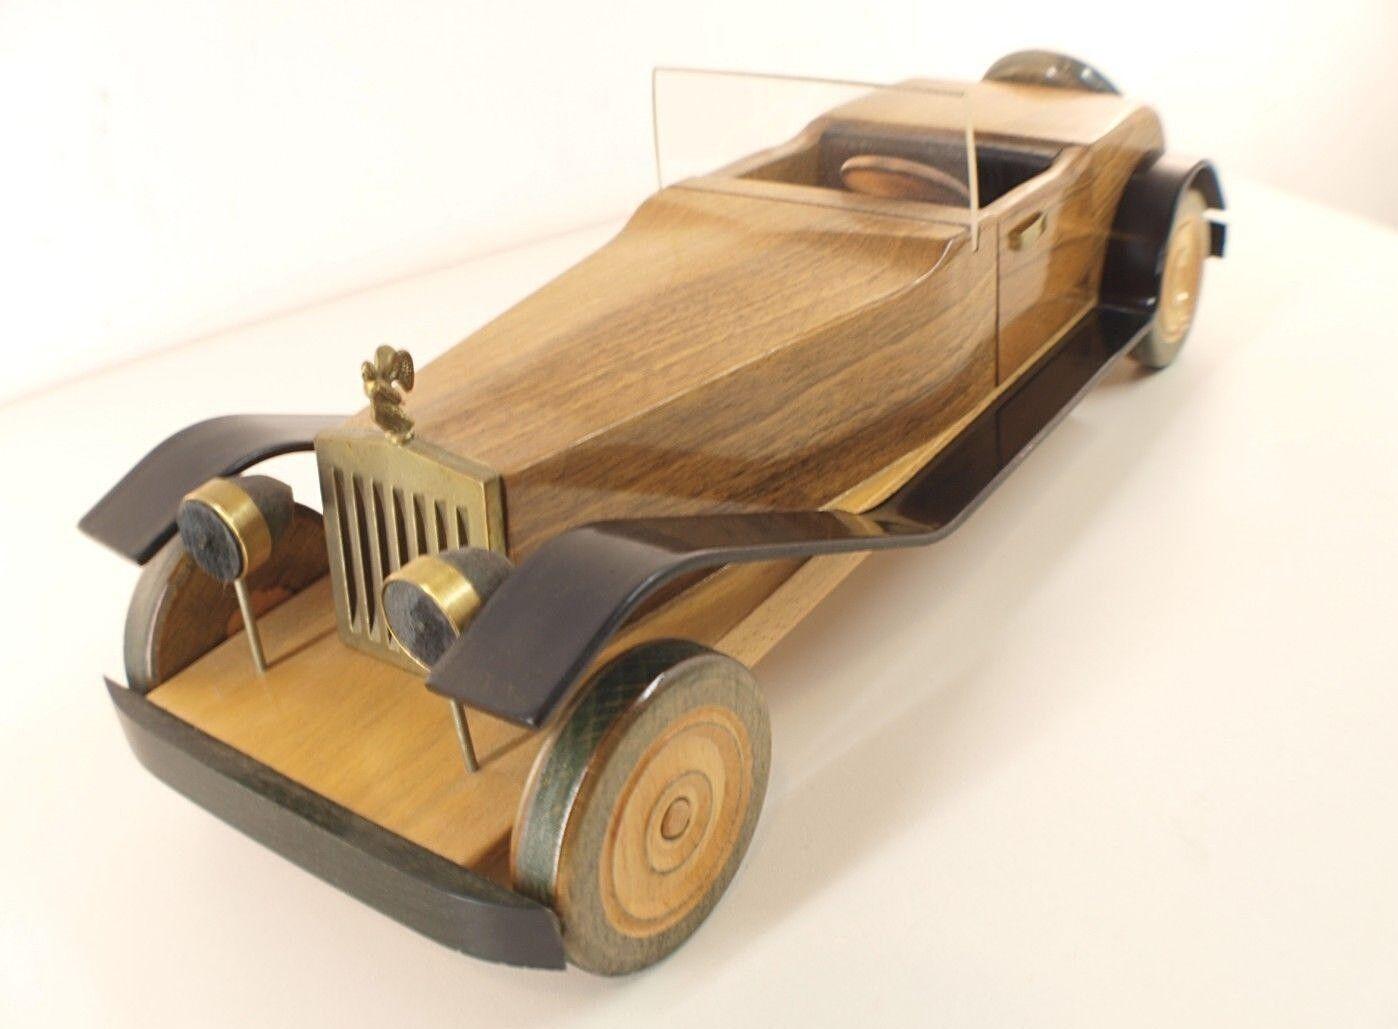 CHENAL France voiture Rolls Rolls Rolls en bois longueur 39 cm RARE Magnifique wood car e29d15